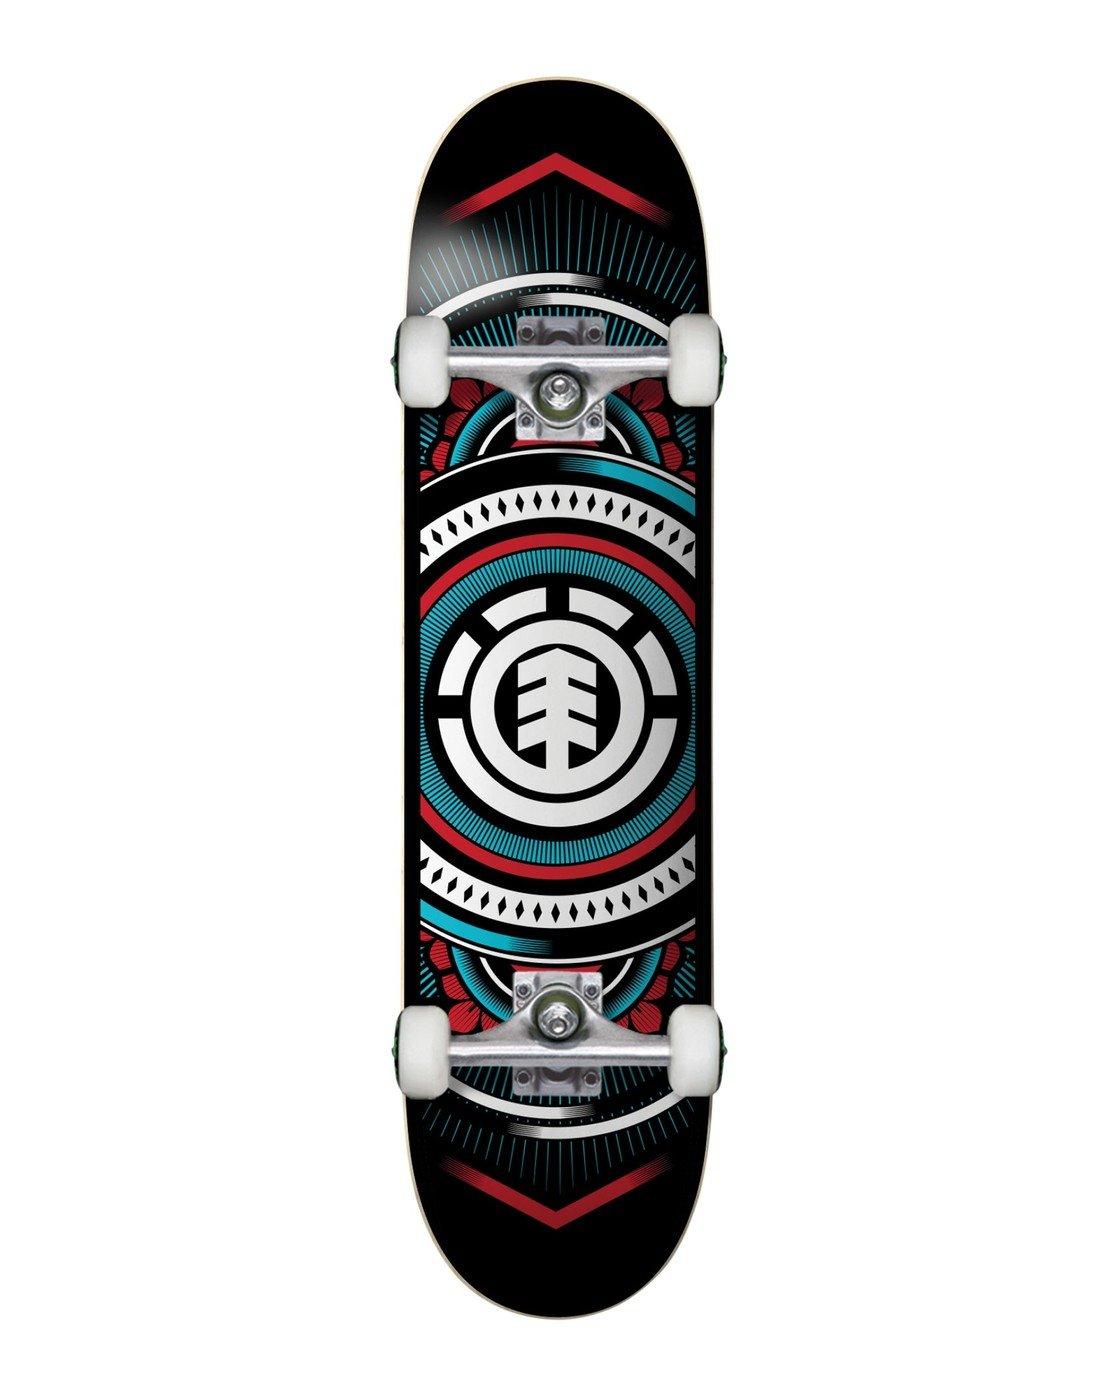 0 Hatched Red Blue Complete Skateboard Multicolor COLG3HTC Element